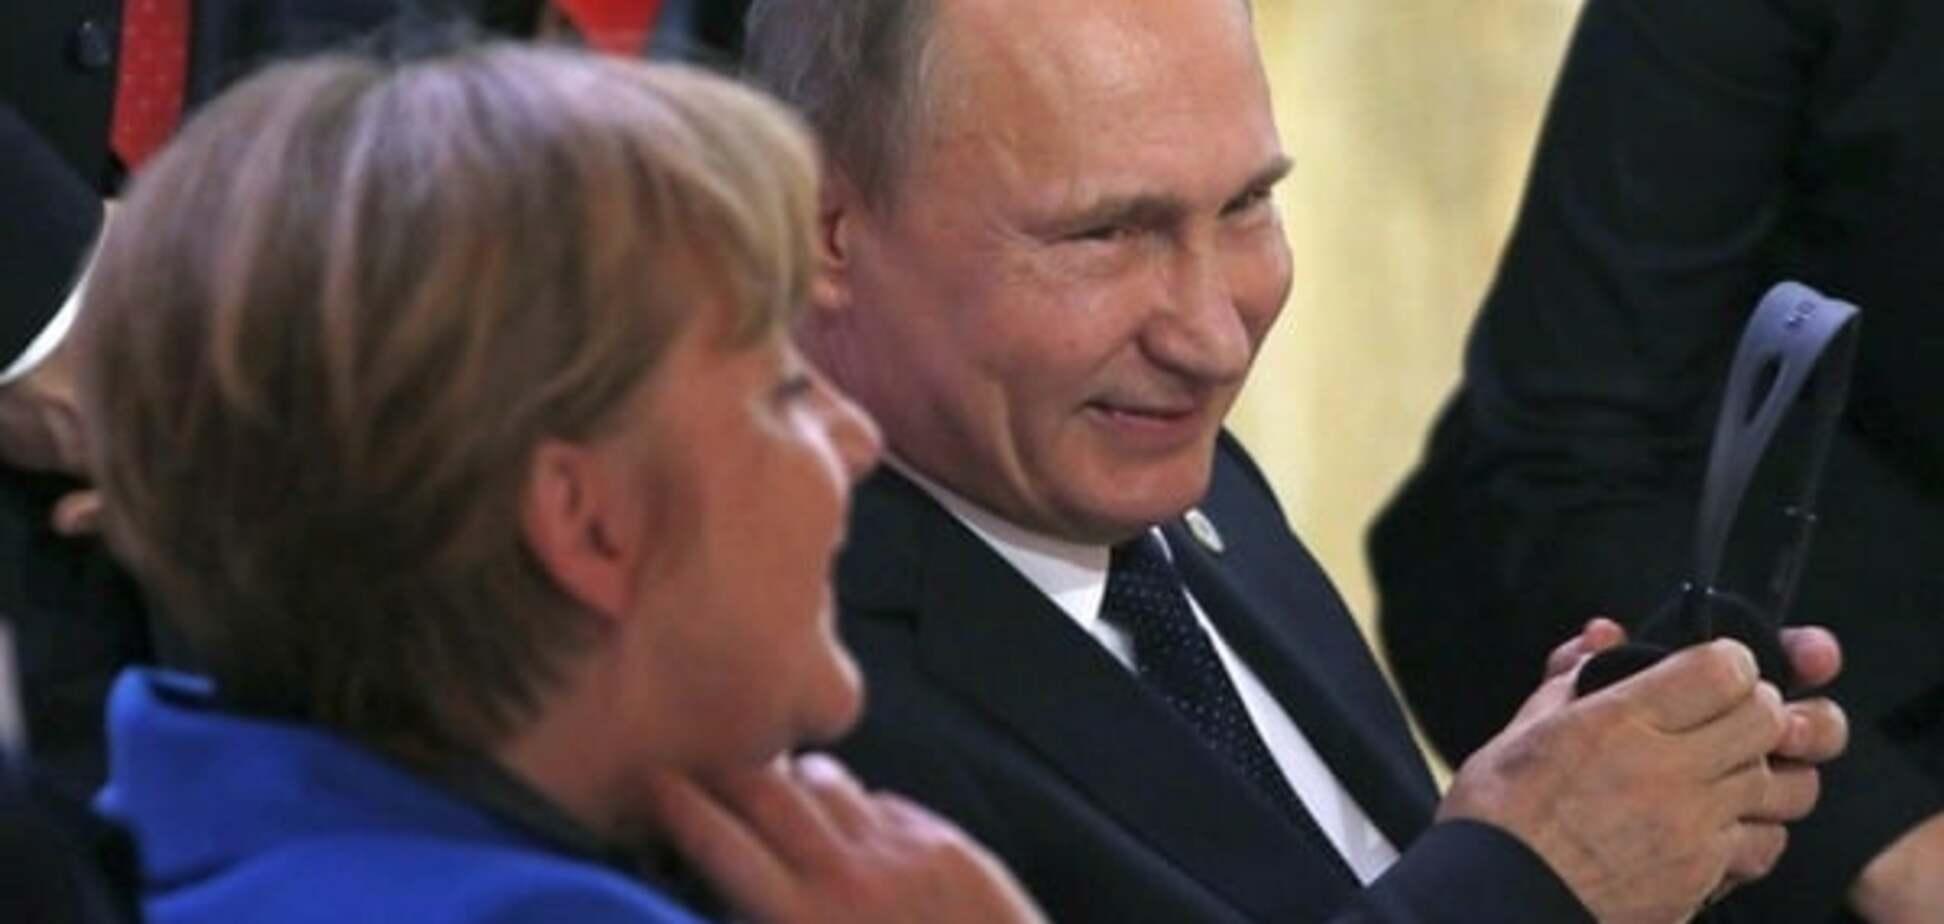 На Україну легше чинити тиск: Тарасюк звинуватив Захід у недостатньому тиску на Кремль